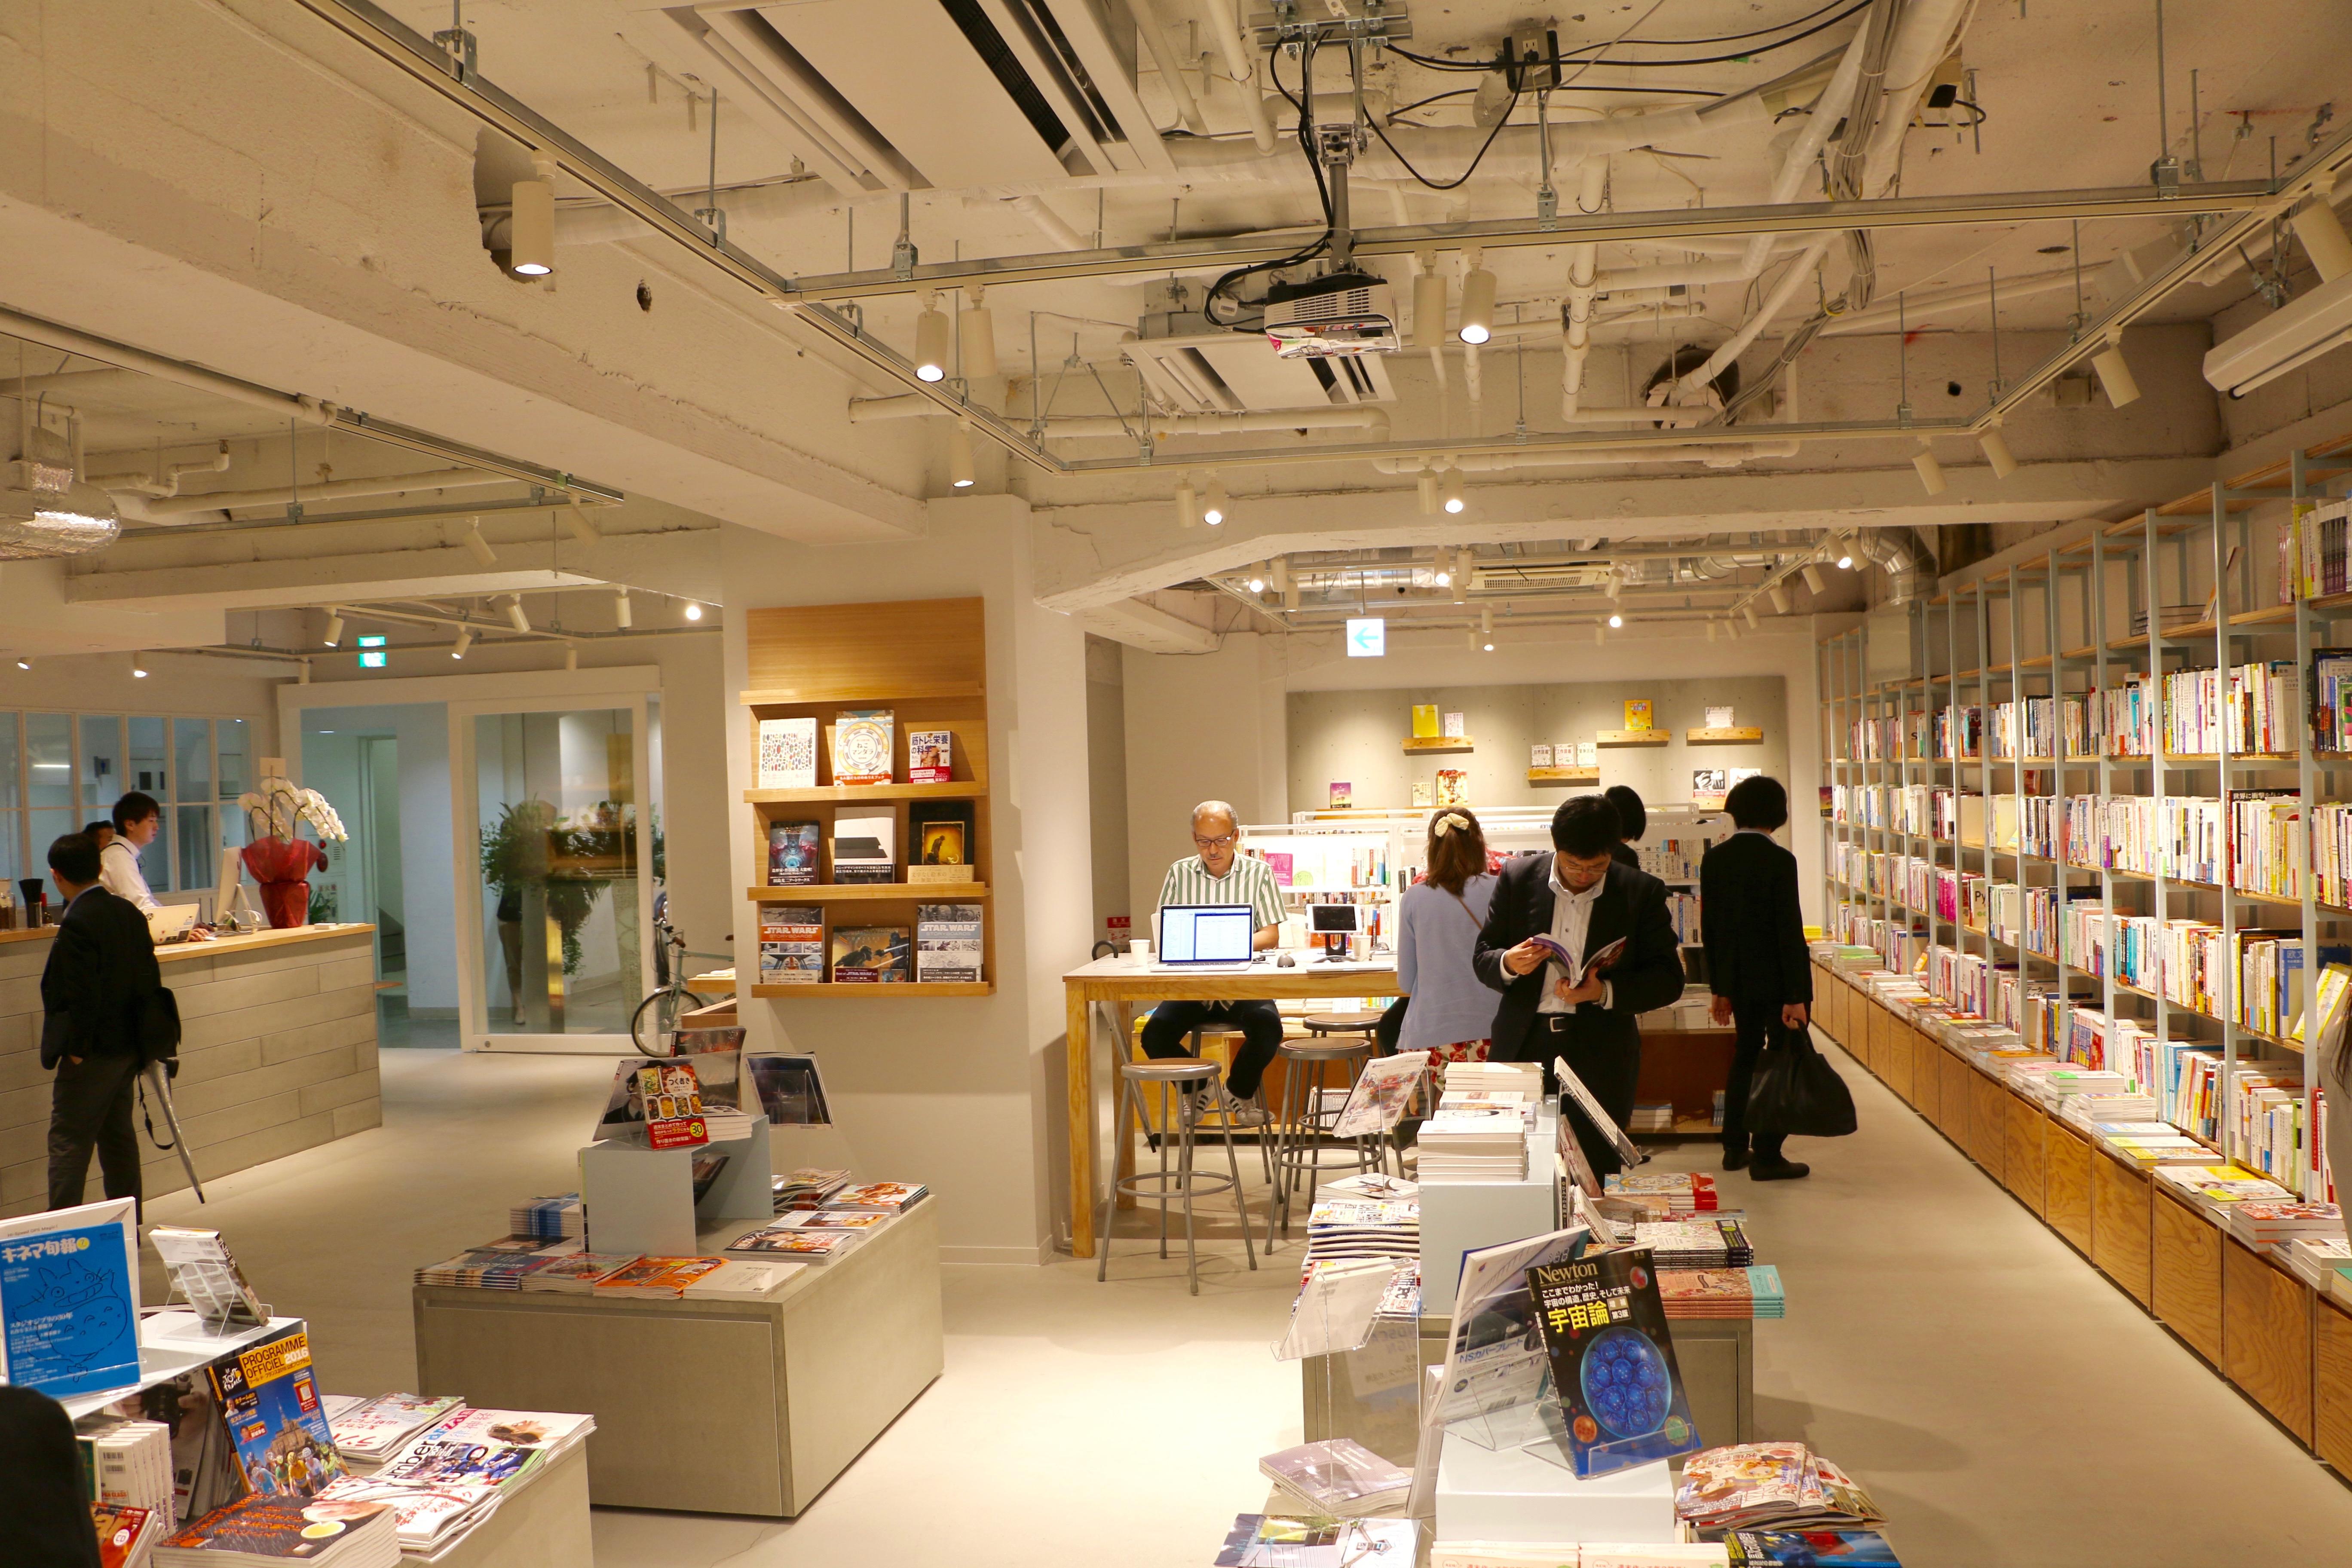 【渋谷・道玄坂】「BOOK LAB TOKYO」はハンドドリップコーヒーを飲みながら本が読める電源カフェ書店